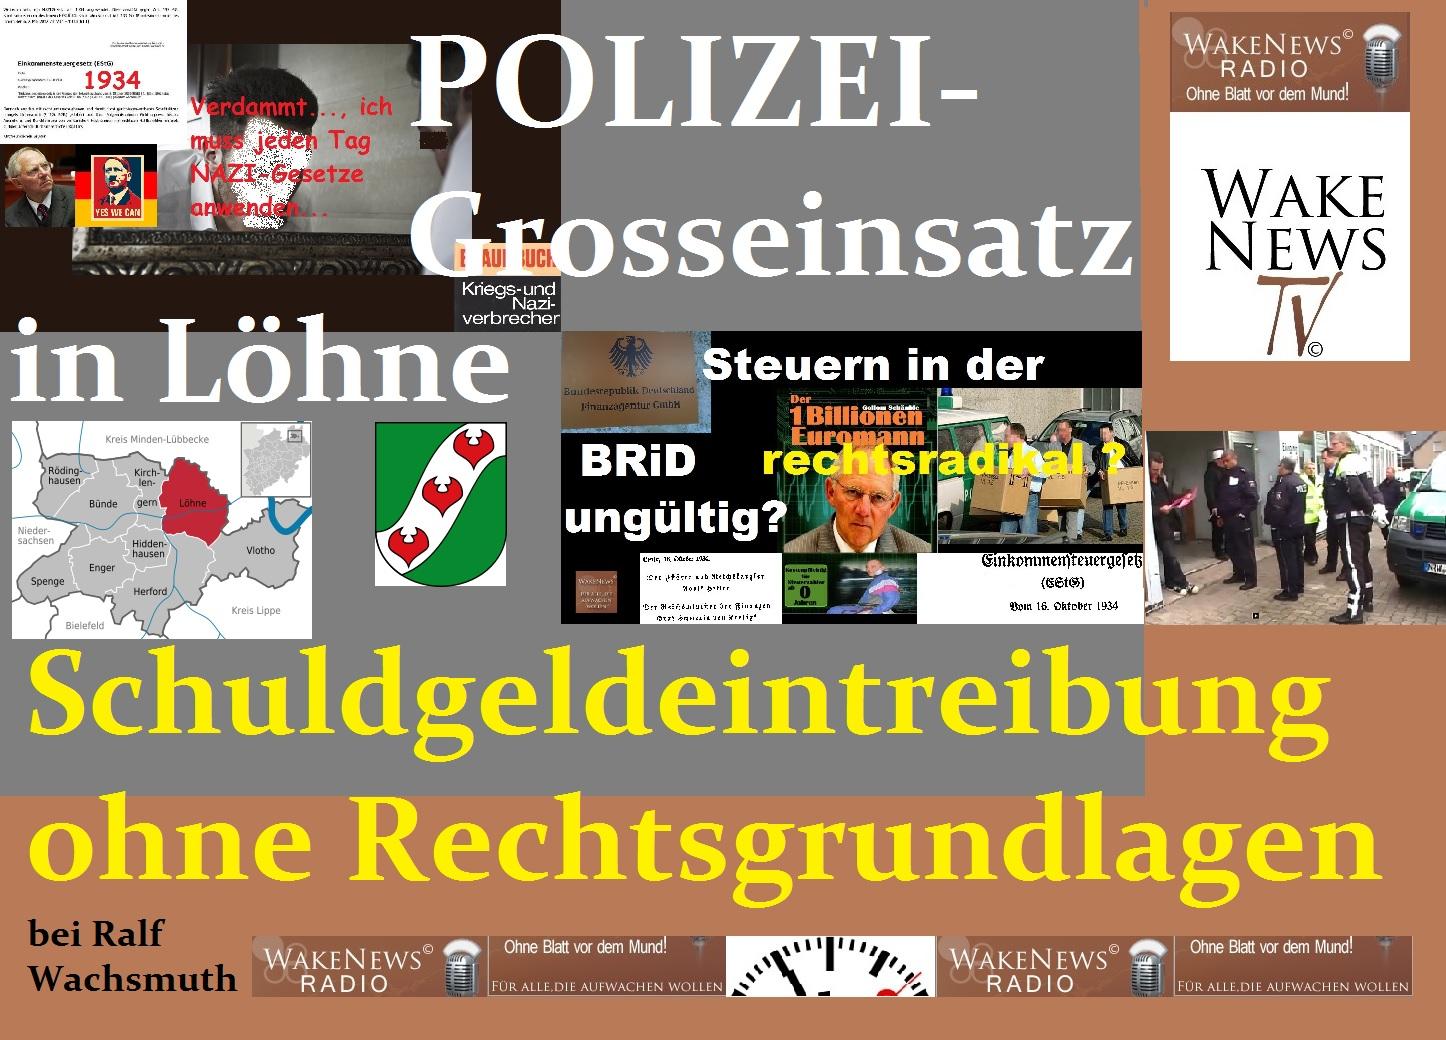 polizei-grosseinsatz-in-lc3b6hne-schuldgeldeintreibung-ohne-rechtsgrundlage